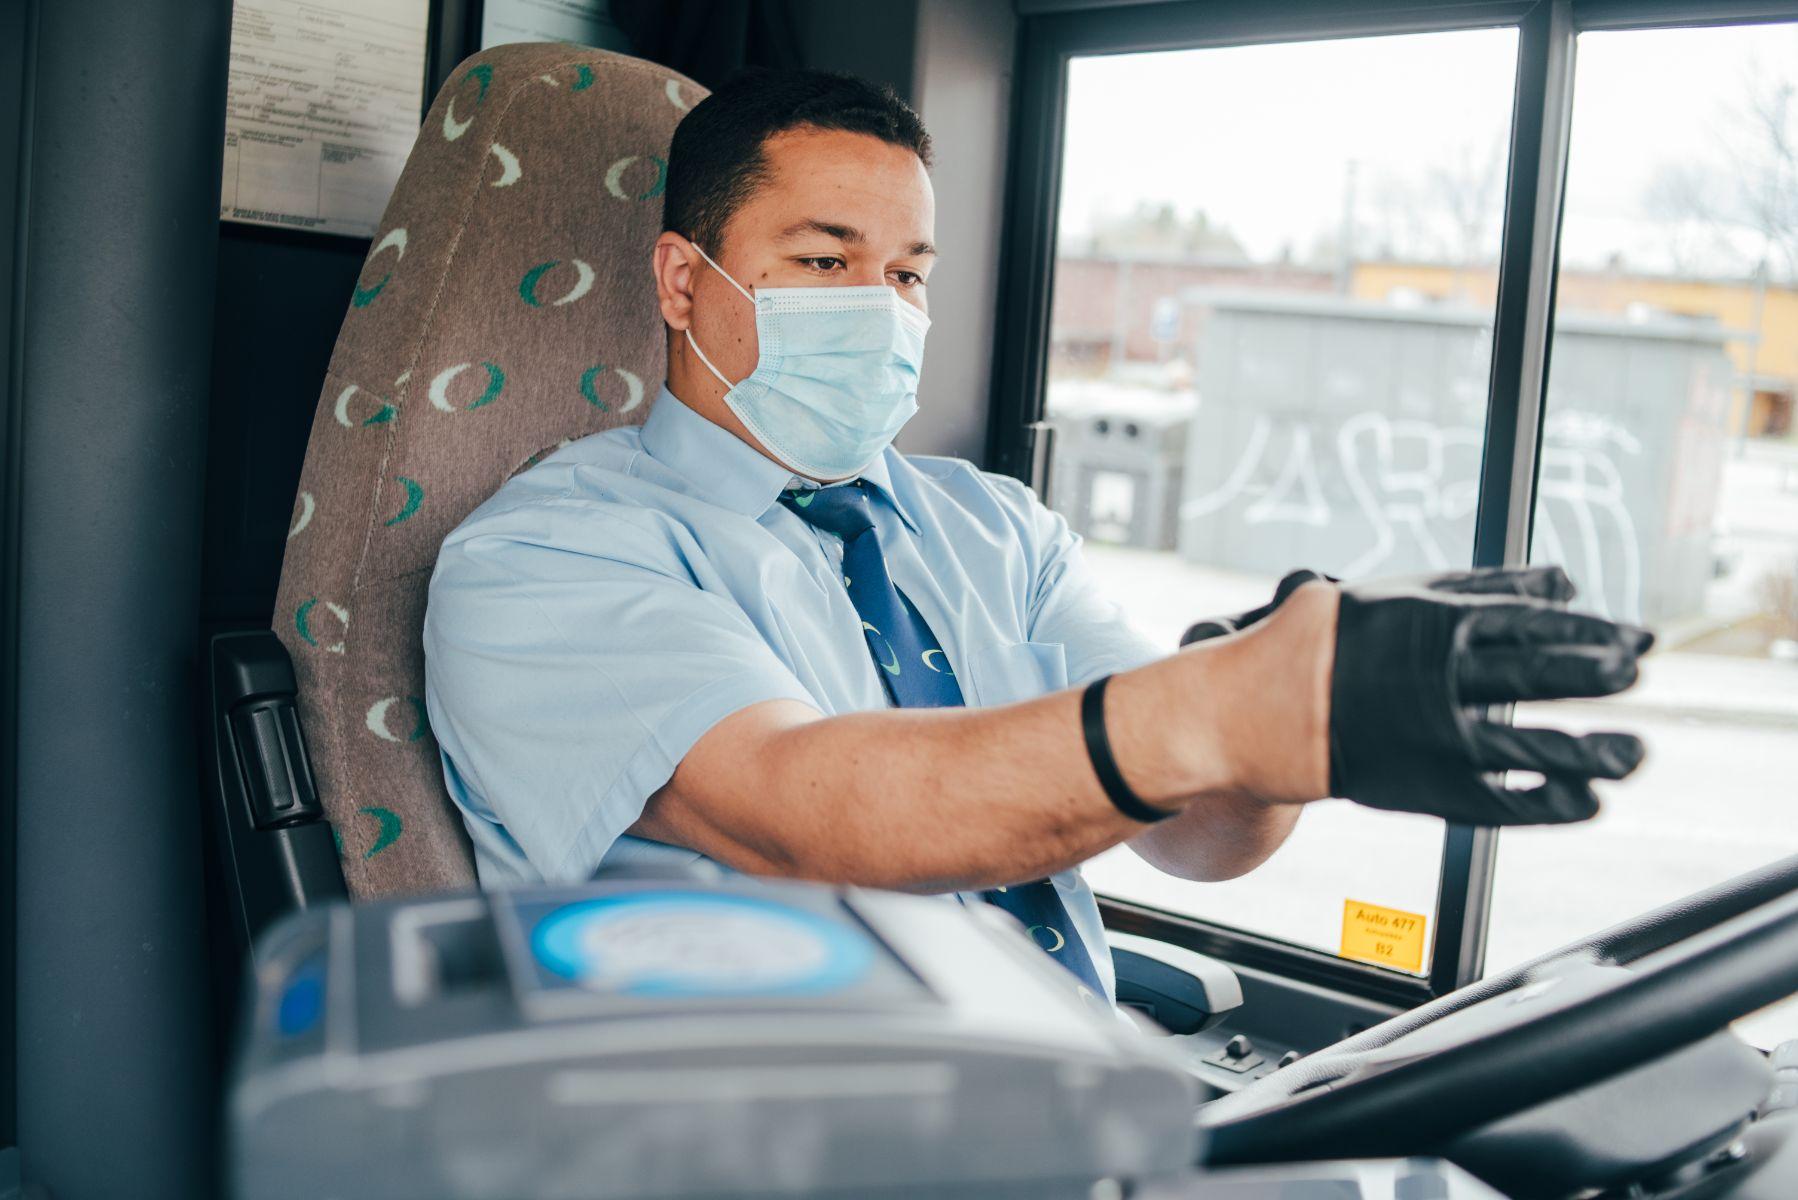 motorista profissional coloca luvas e mascara para se proteger da covid 19 em onibus destinado ao transporte de passageiros